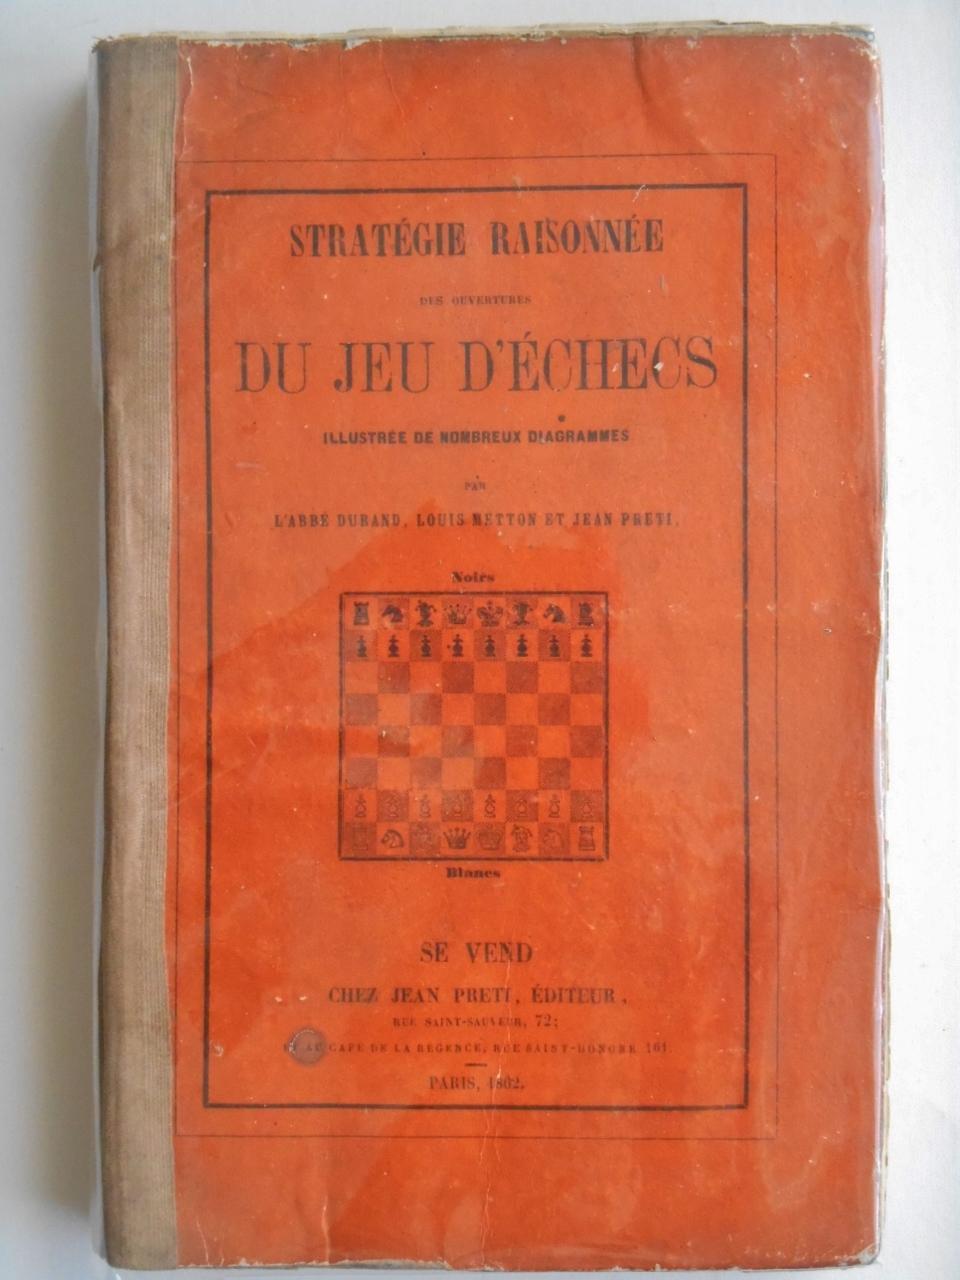 Strategie Raisonnee Des Ouvertures Du Jeu D U0026 39 Echecs   Illustr U00e9e De Nombreux Diagrammes  By Durand